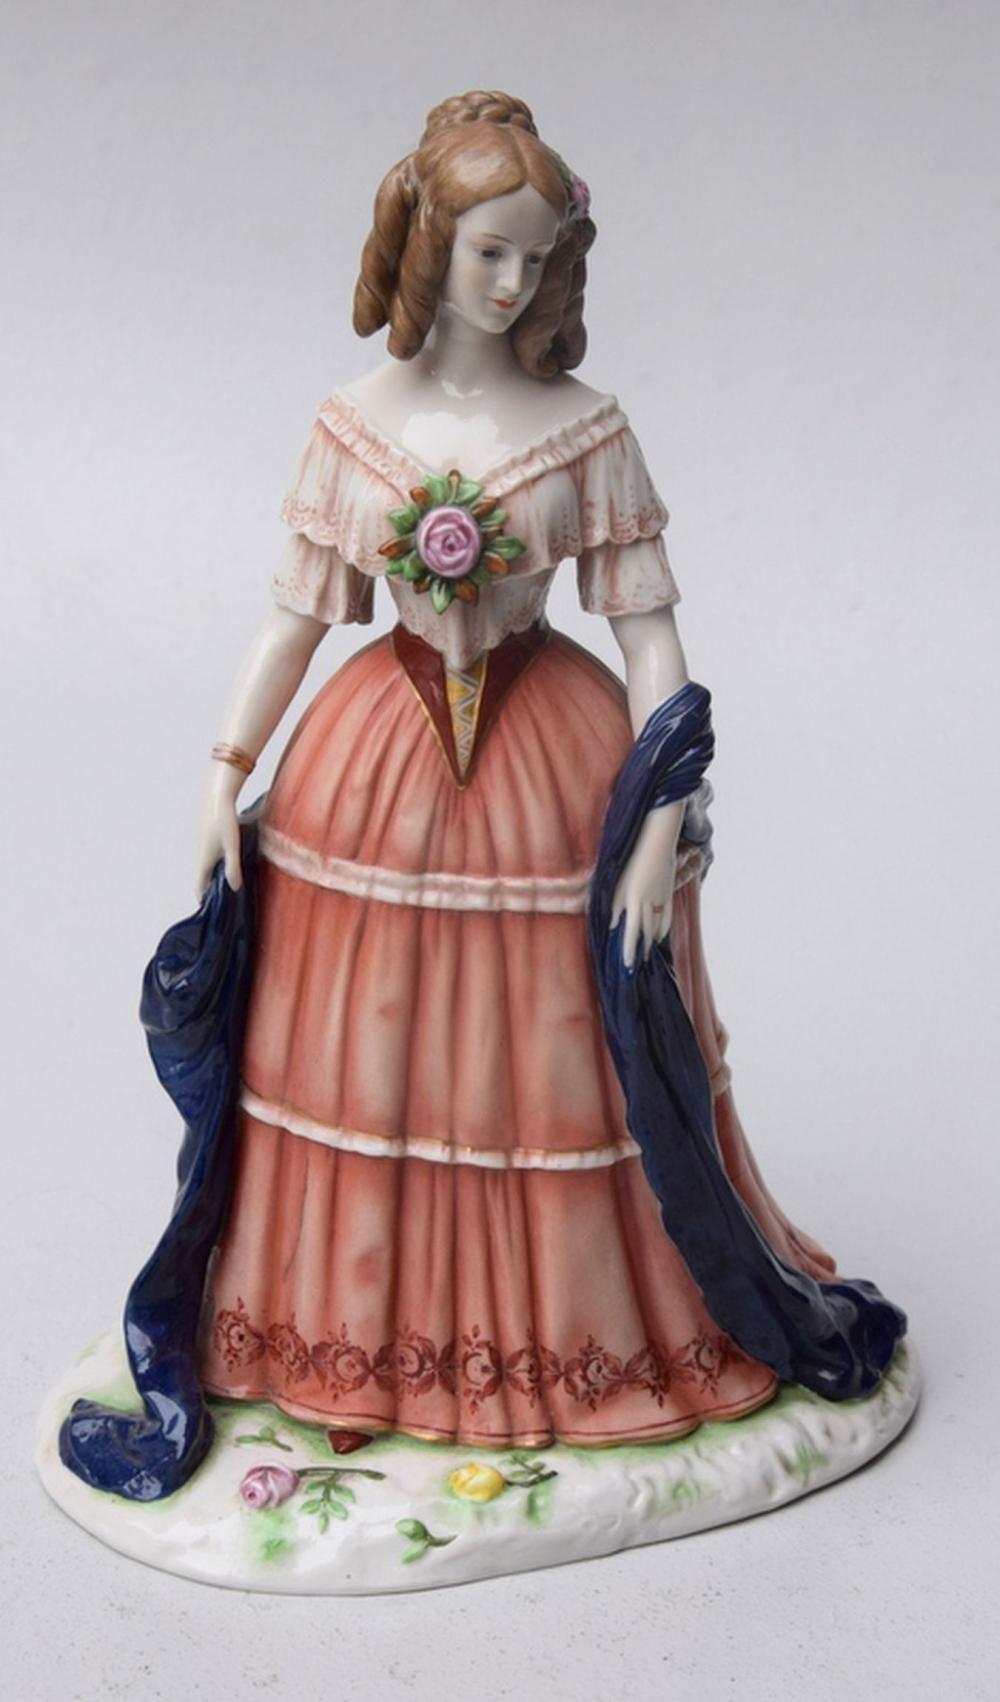 Sitzendorf, Porzellanmanufaktur Thüringen (blaue Manufakturmarke unterglasur): Stehende Dame im Biedermeier-Stil, Mod. Nr.11568